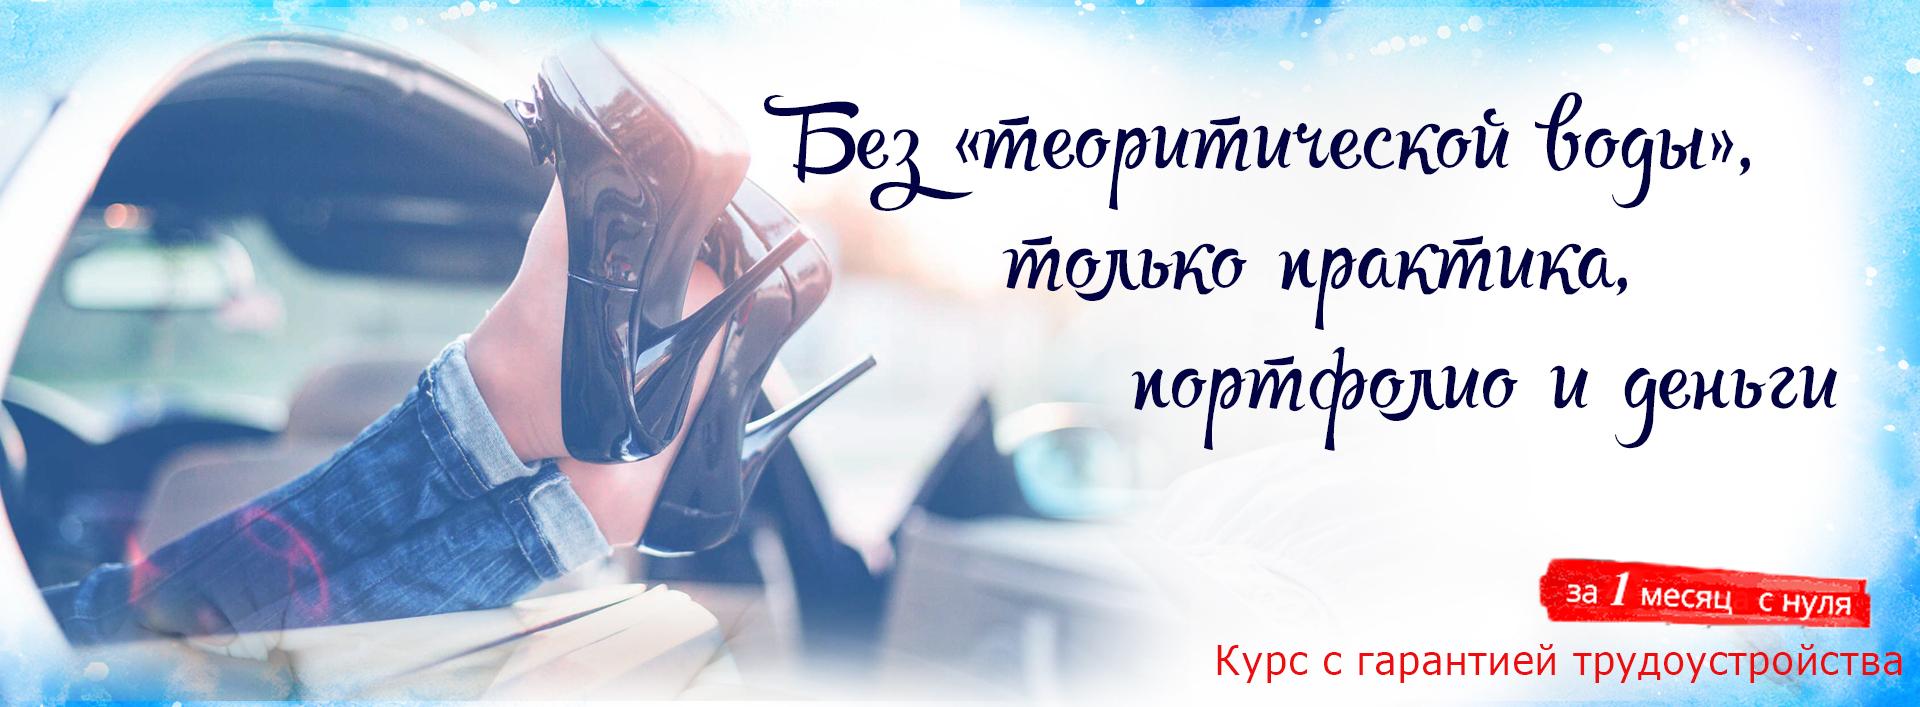 wacom-painter-bolshe-vremeni-s-dengi.jpg